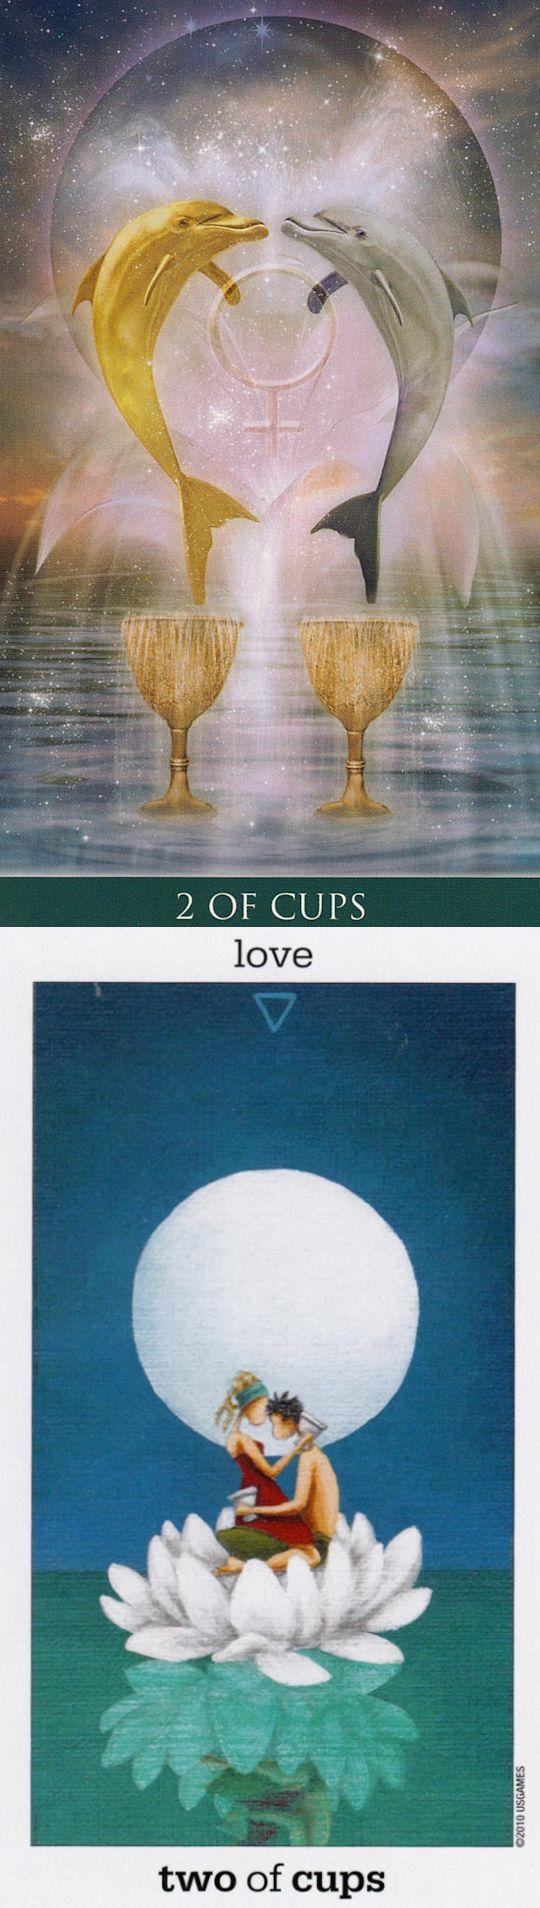 Two of Cups: sex and tension (reverse). Thelema Tarot deck and Sunmoon Tarot deck: tarot thoth, yes no tarot vs a tarot card reading. The best cartomancy divination and magic tricks. #readingtarotcards #tarotcardstips